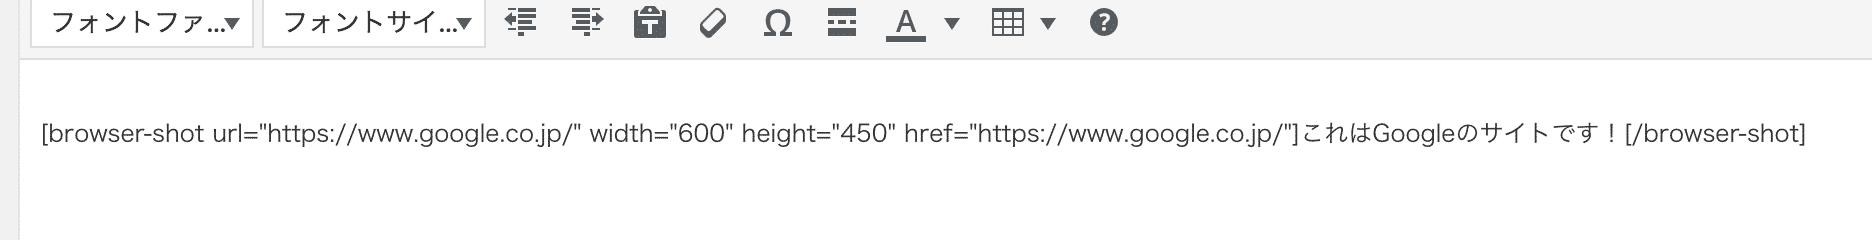 browsershors3